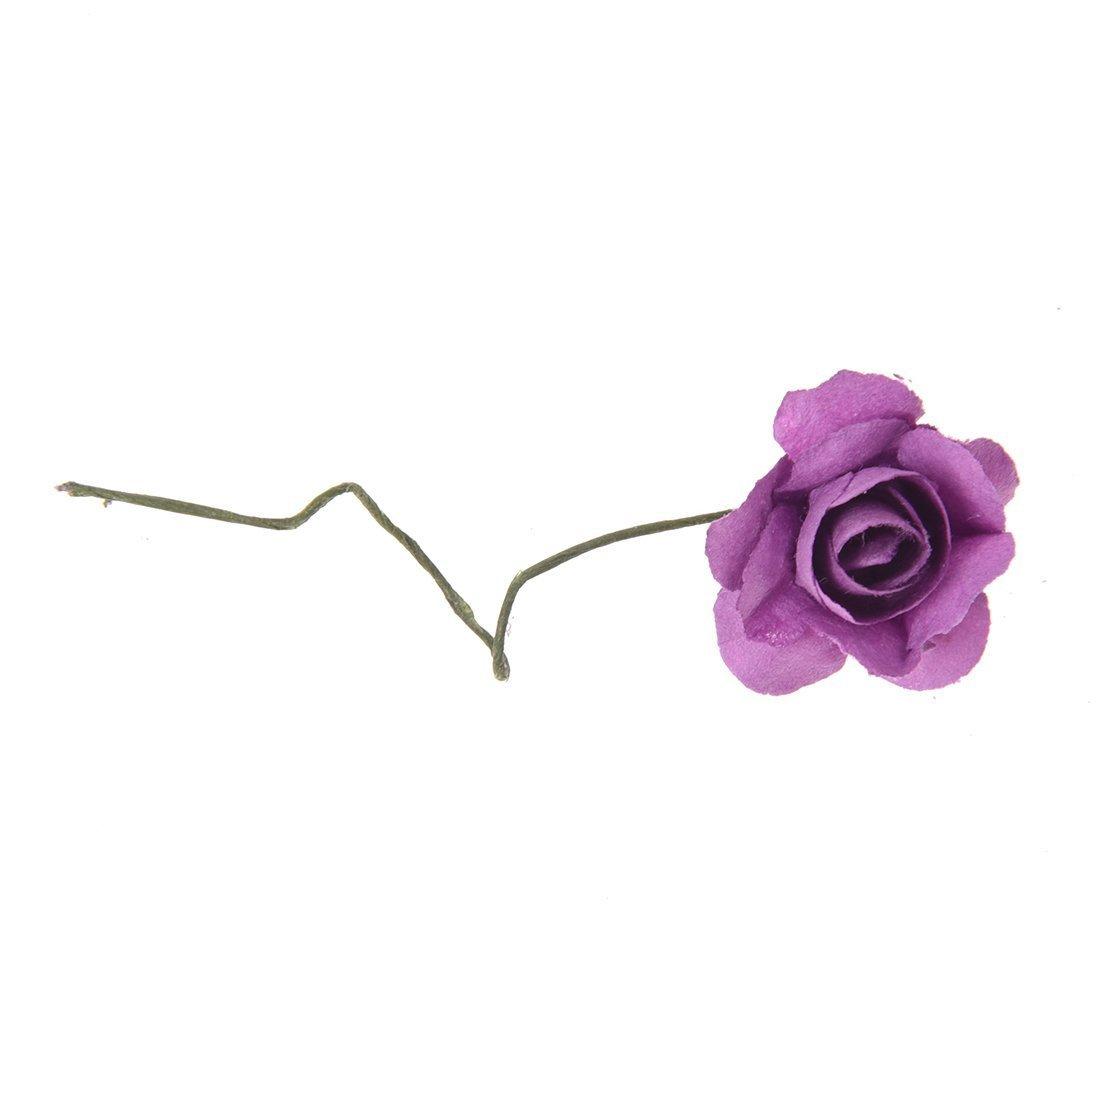 SODIAL (R) 144 pz Mini fiori carta rosa di nozze per bomboniera artigianale (viola) SODIAL(R) LEPAZN1160